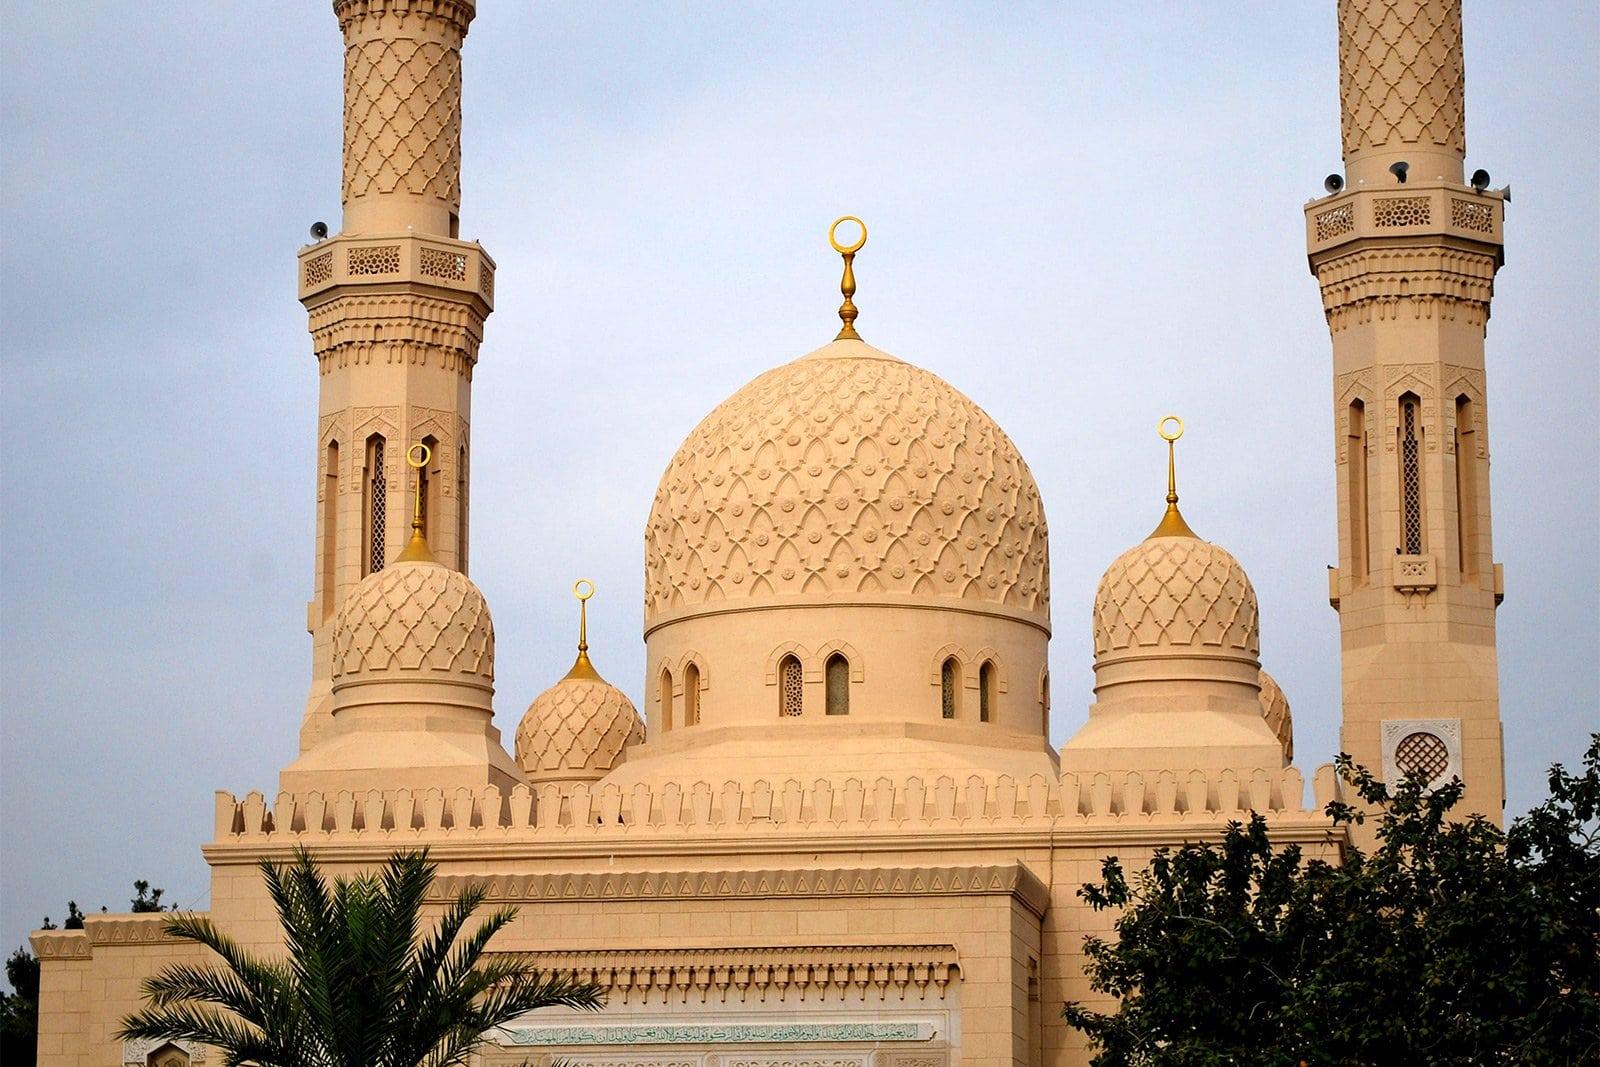 مسجد جميرا ابو منارتين دبى